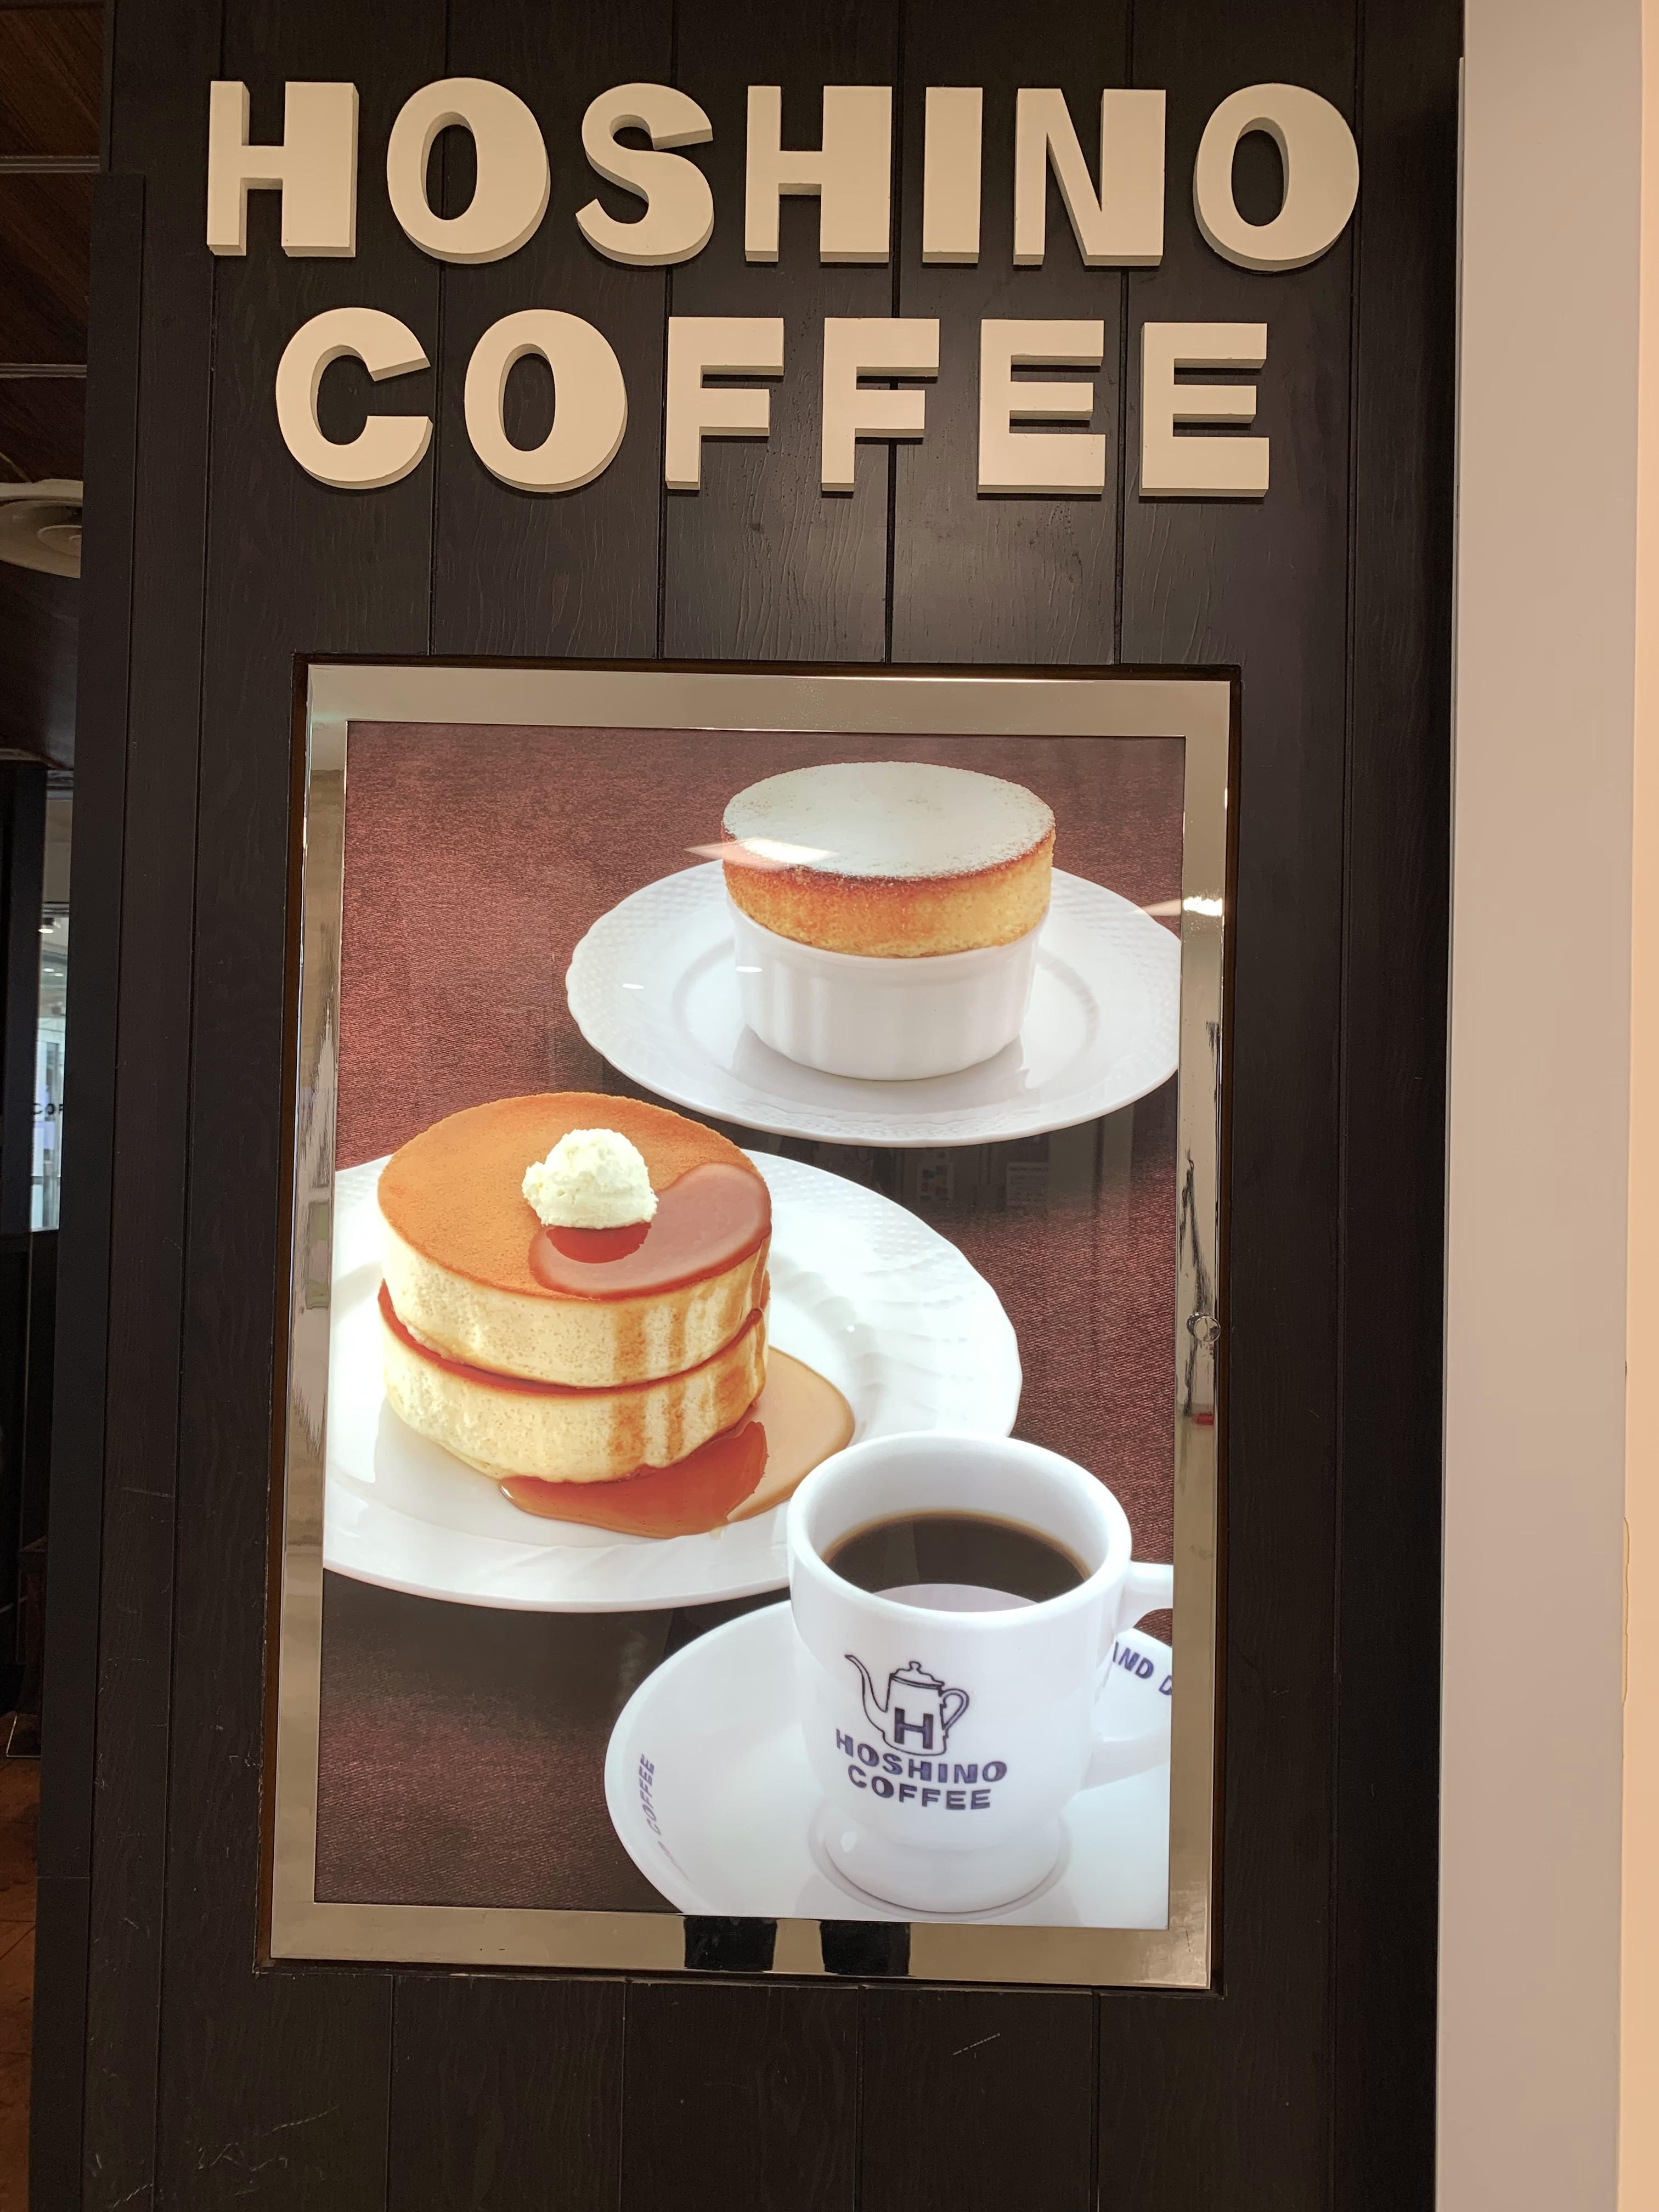 星乃珈琲店のスフレパンケーキは美味しい?〇〇珈琲店スイーツ食べ歩きブログ02